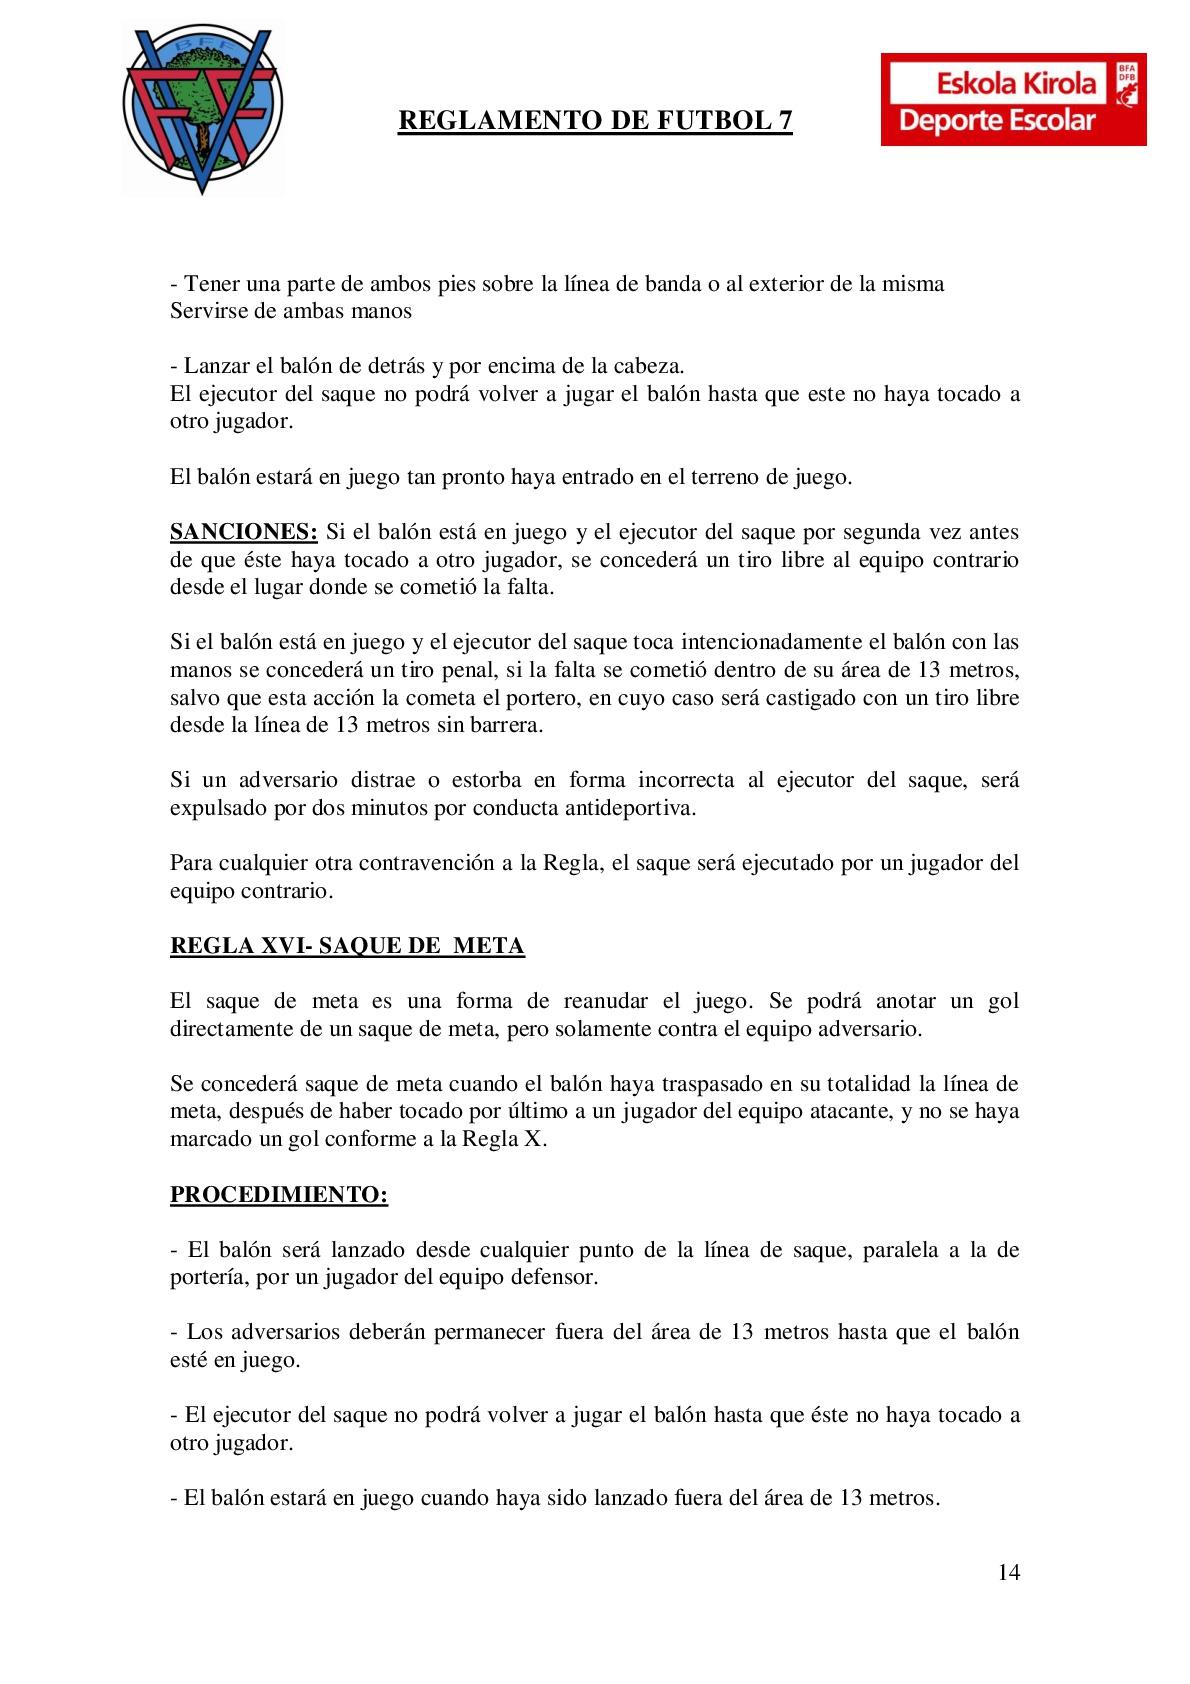 Reglamento-F7-014